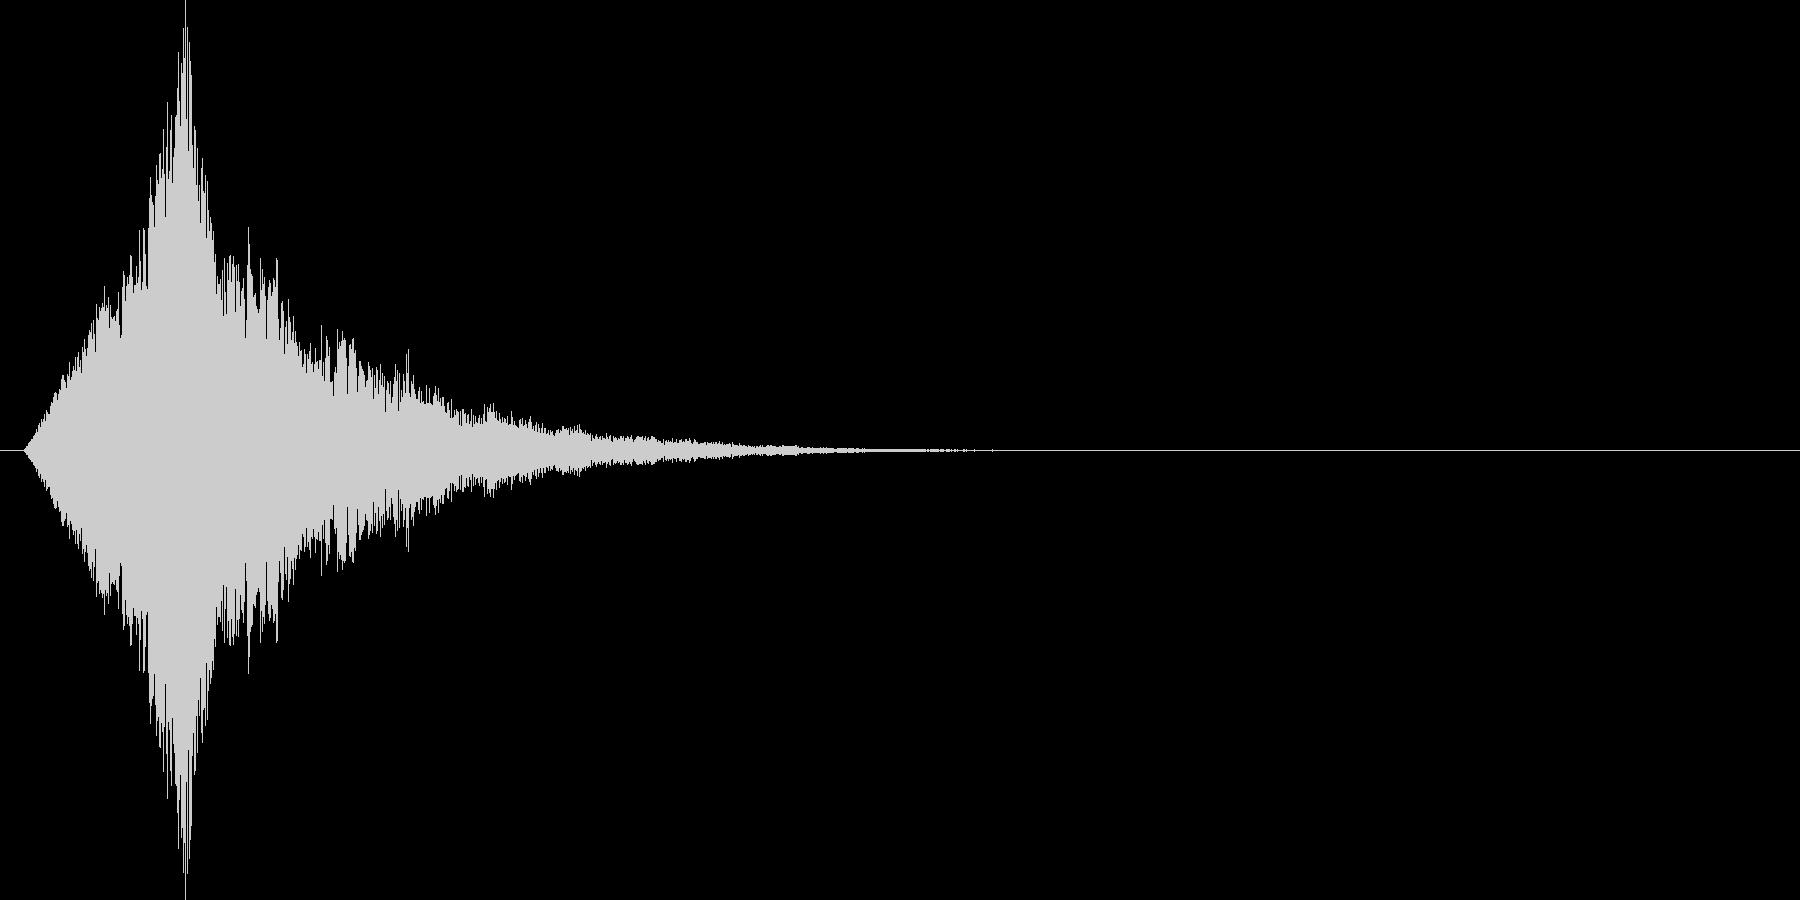 宇宙的な雰囲気のキラキラ系効果音の未再生の波形